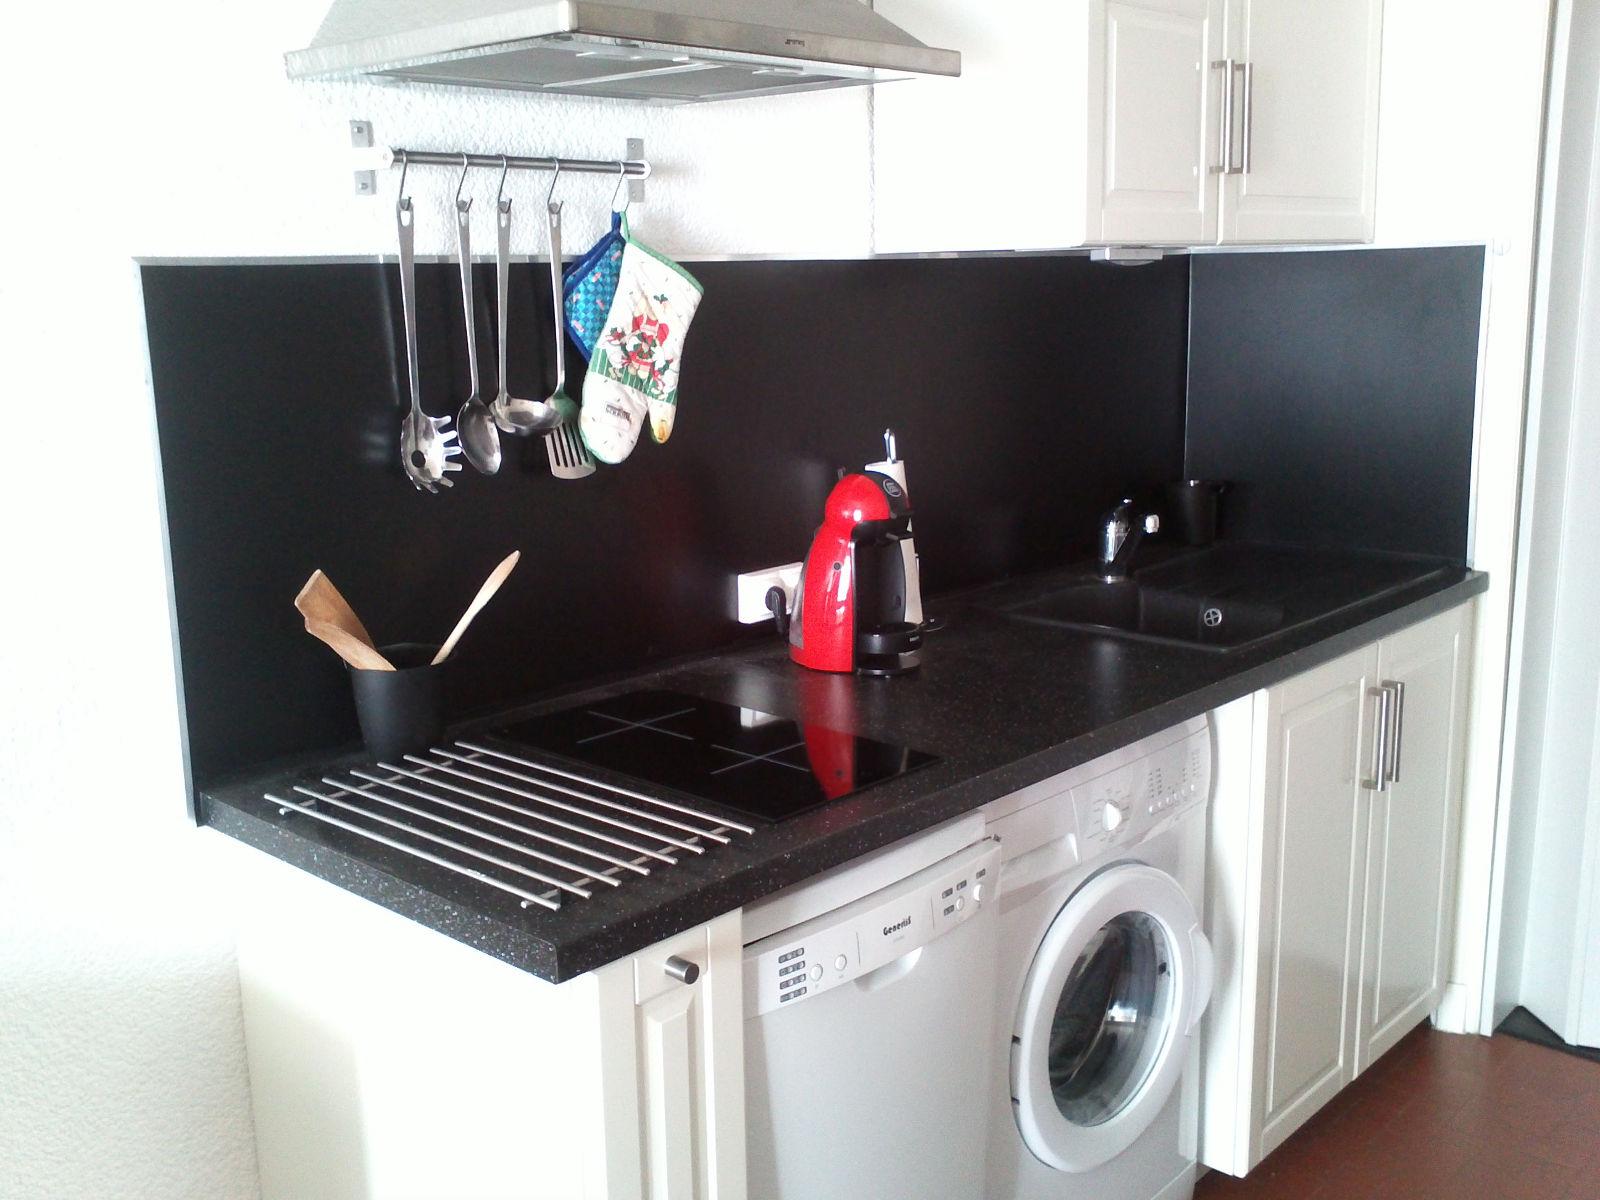 Стиральная машина на кухне в интерьере